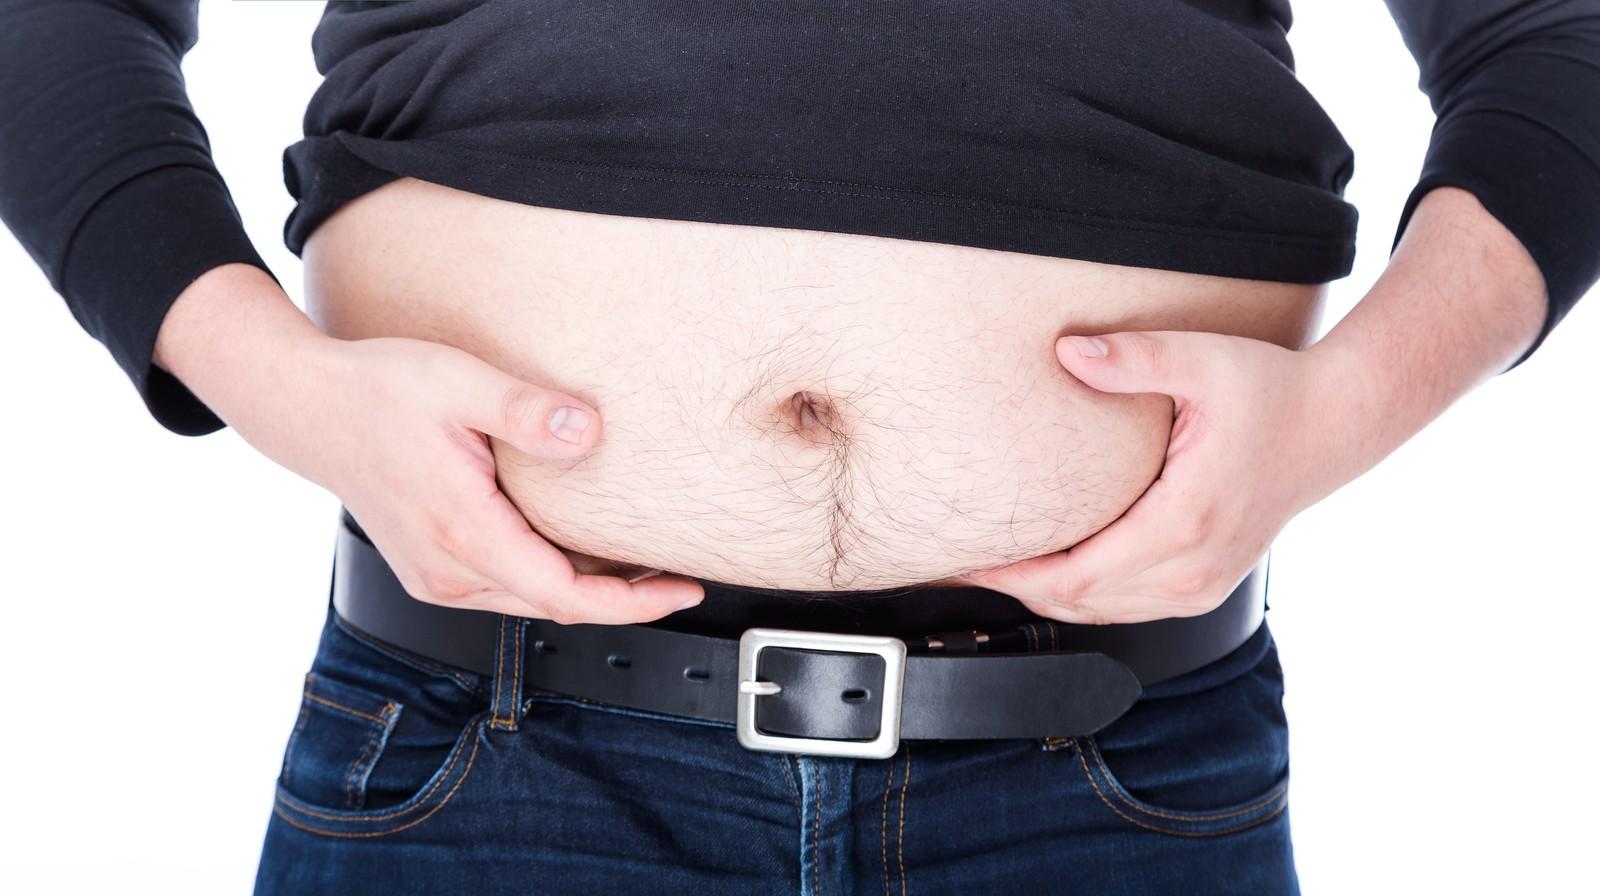 1日1食とメタボ(メタボリックシンドローム)の予防とは